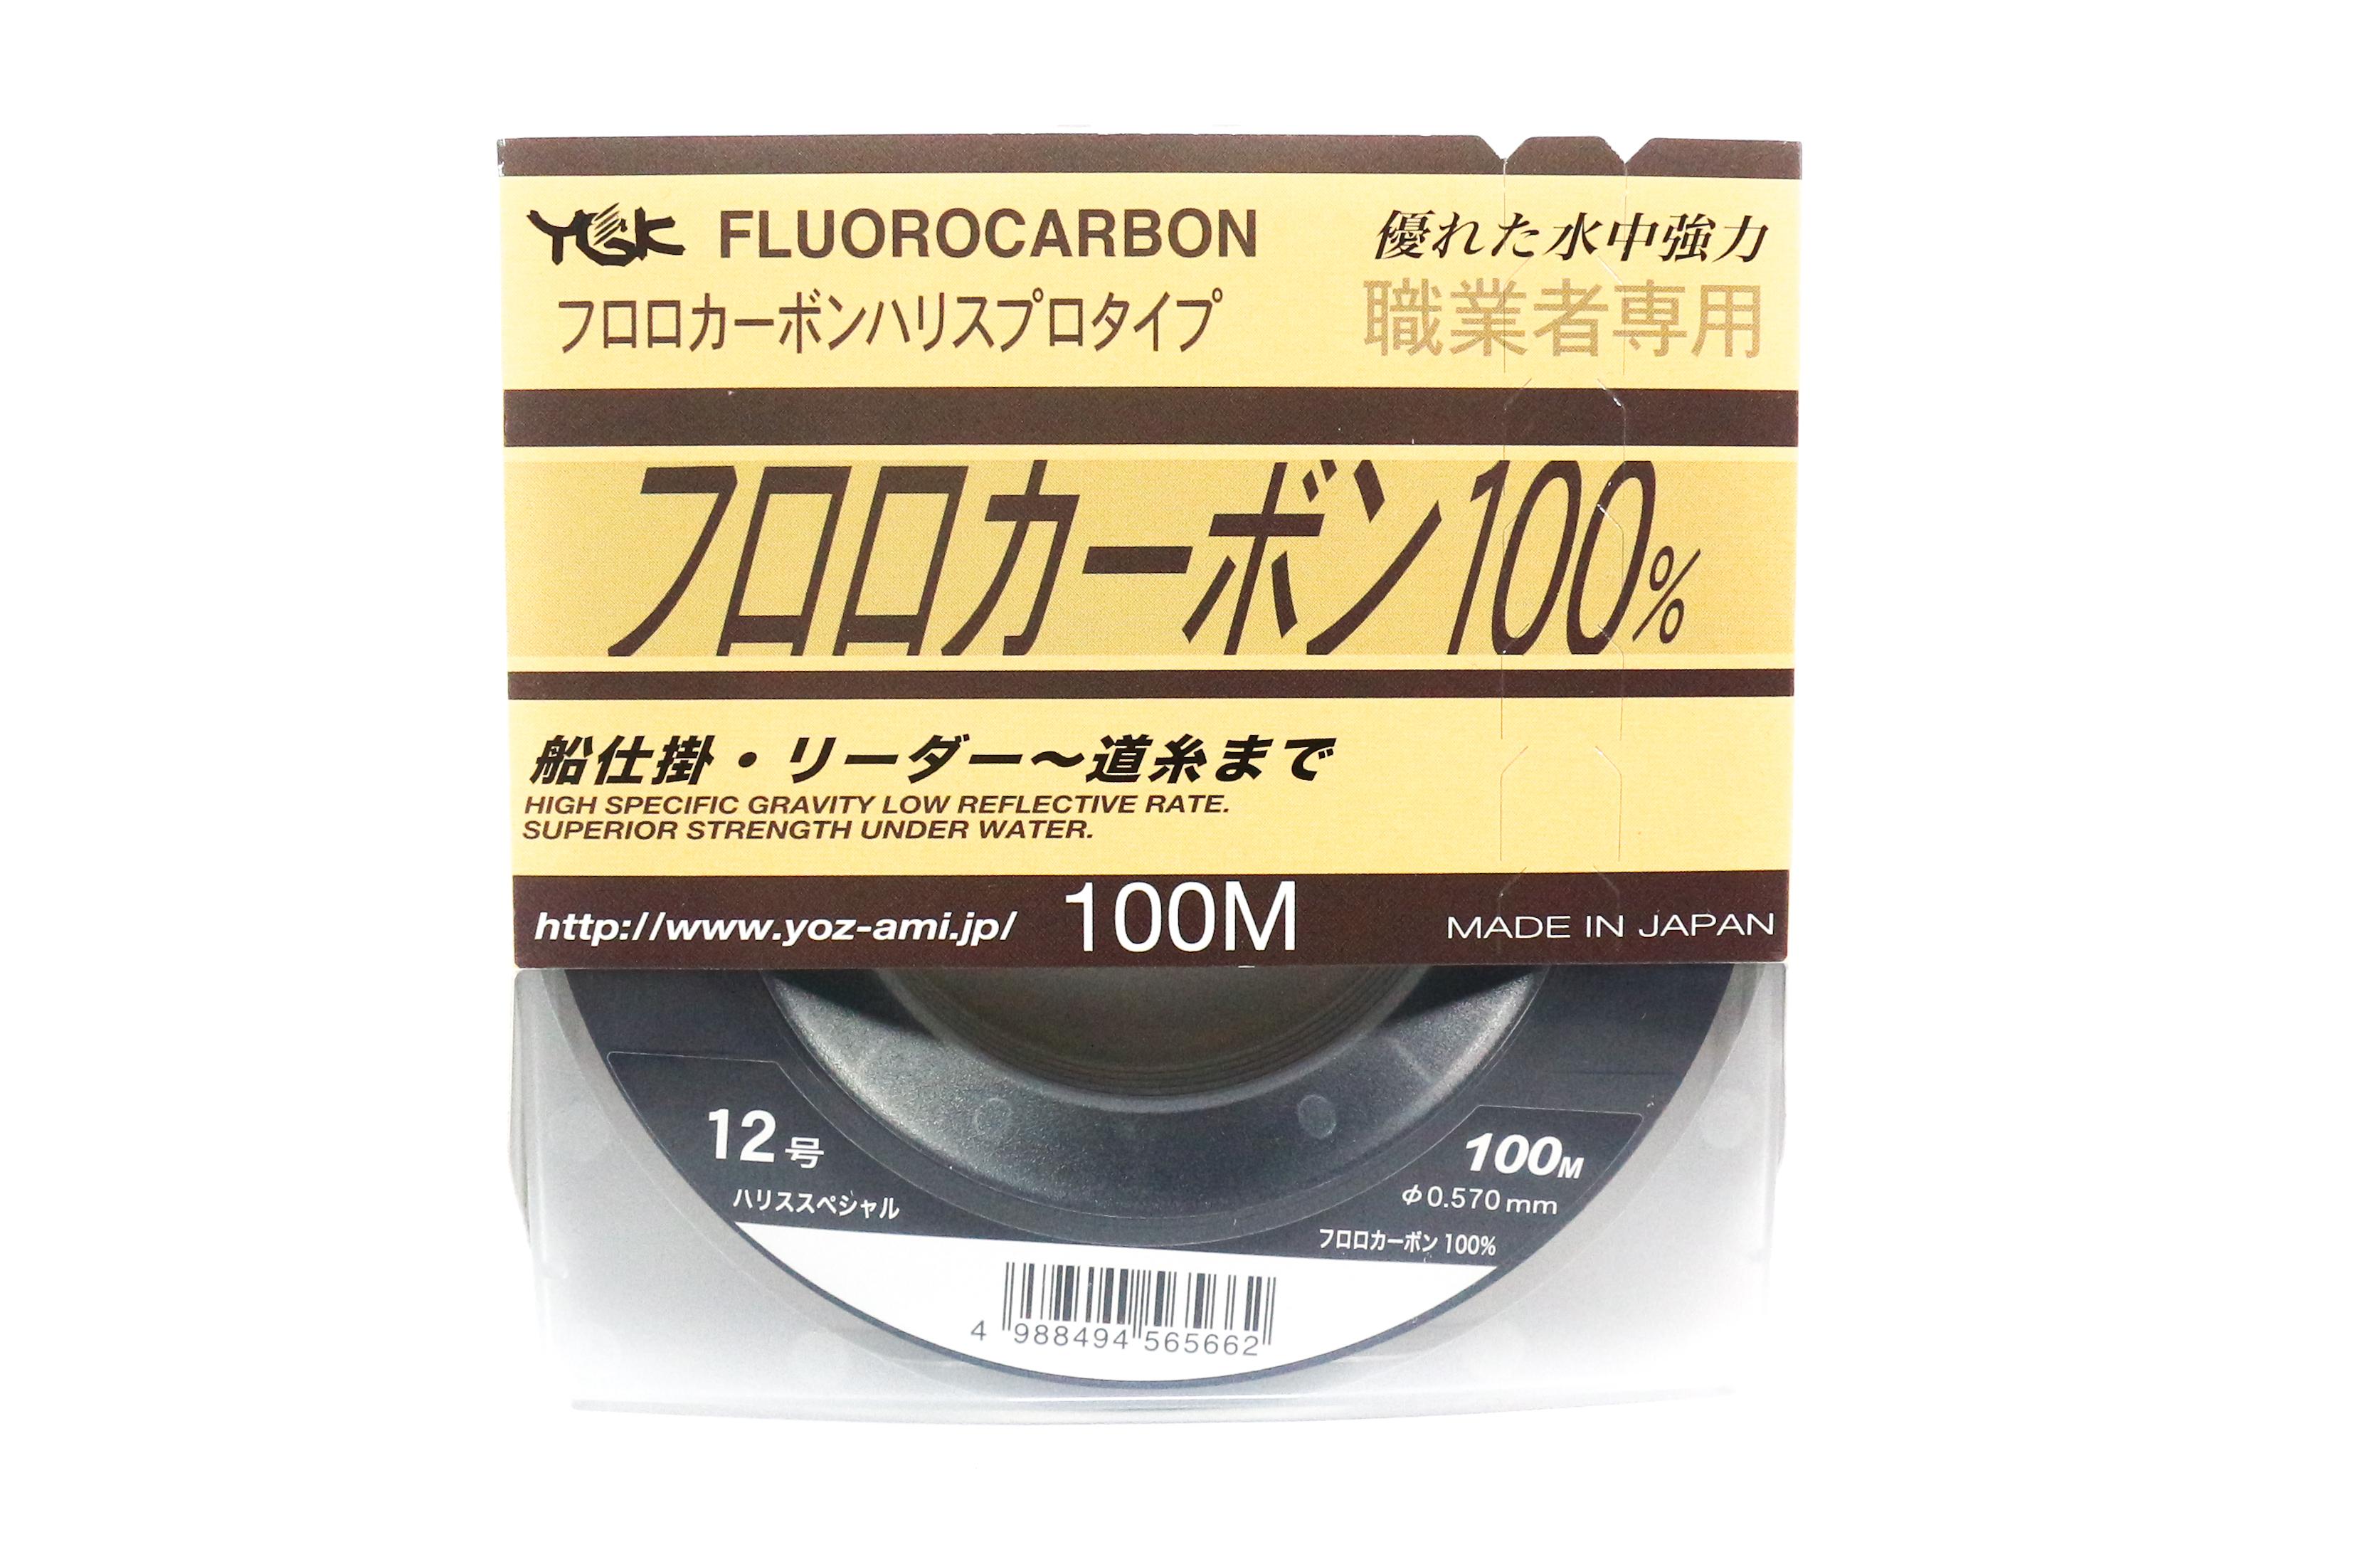 YGK 100% Fluorocarbon Leader Line 100m Size 12 40lb 0.57mm (5662)